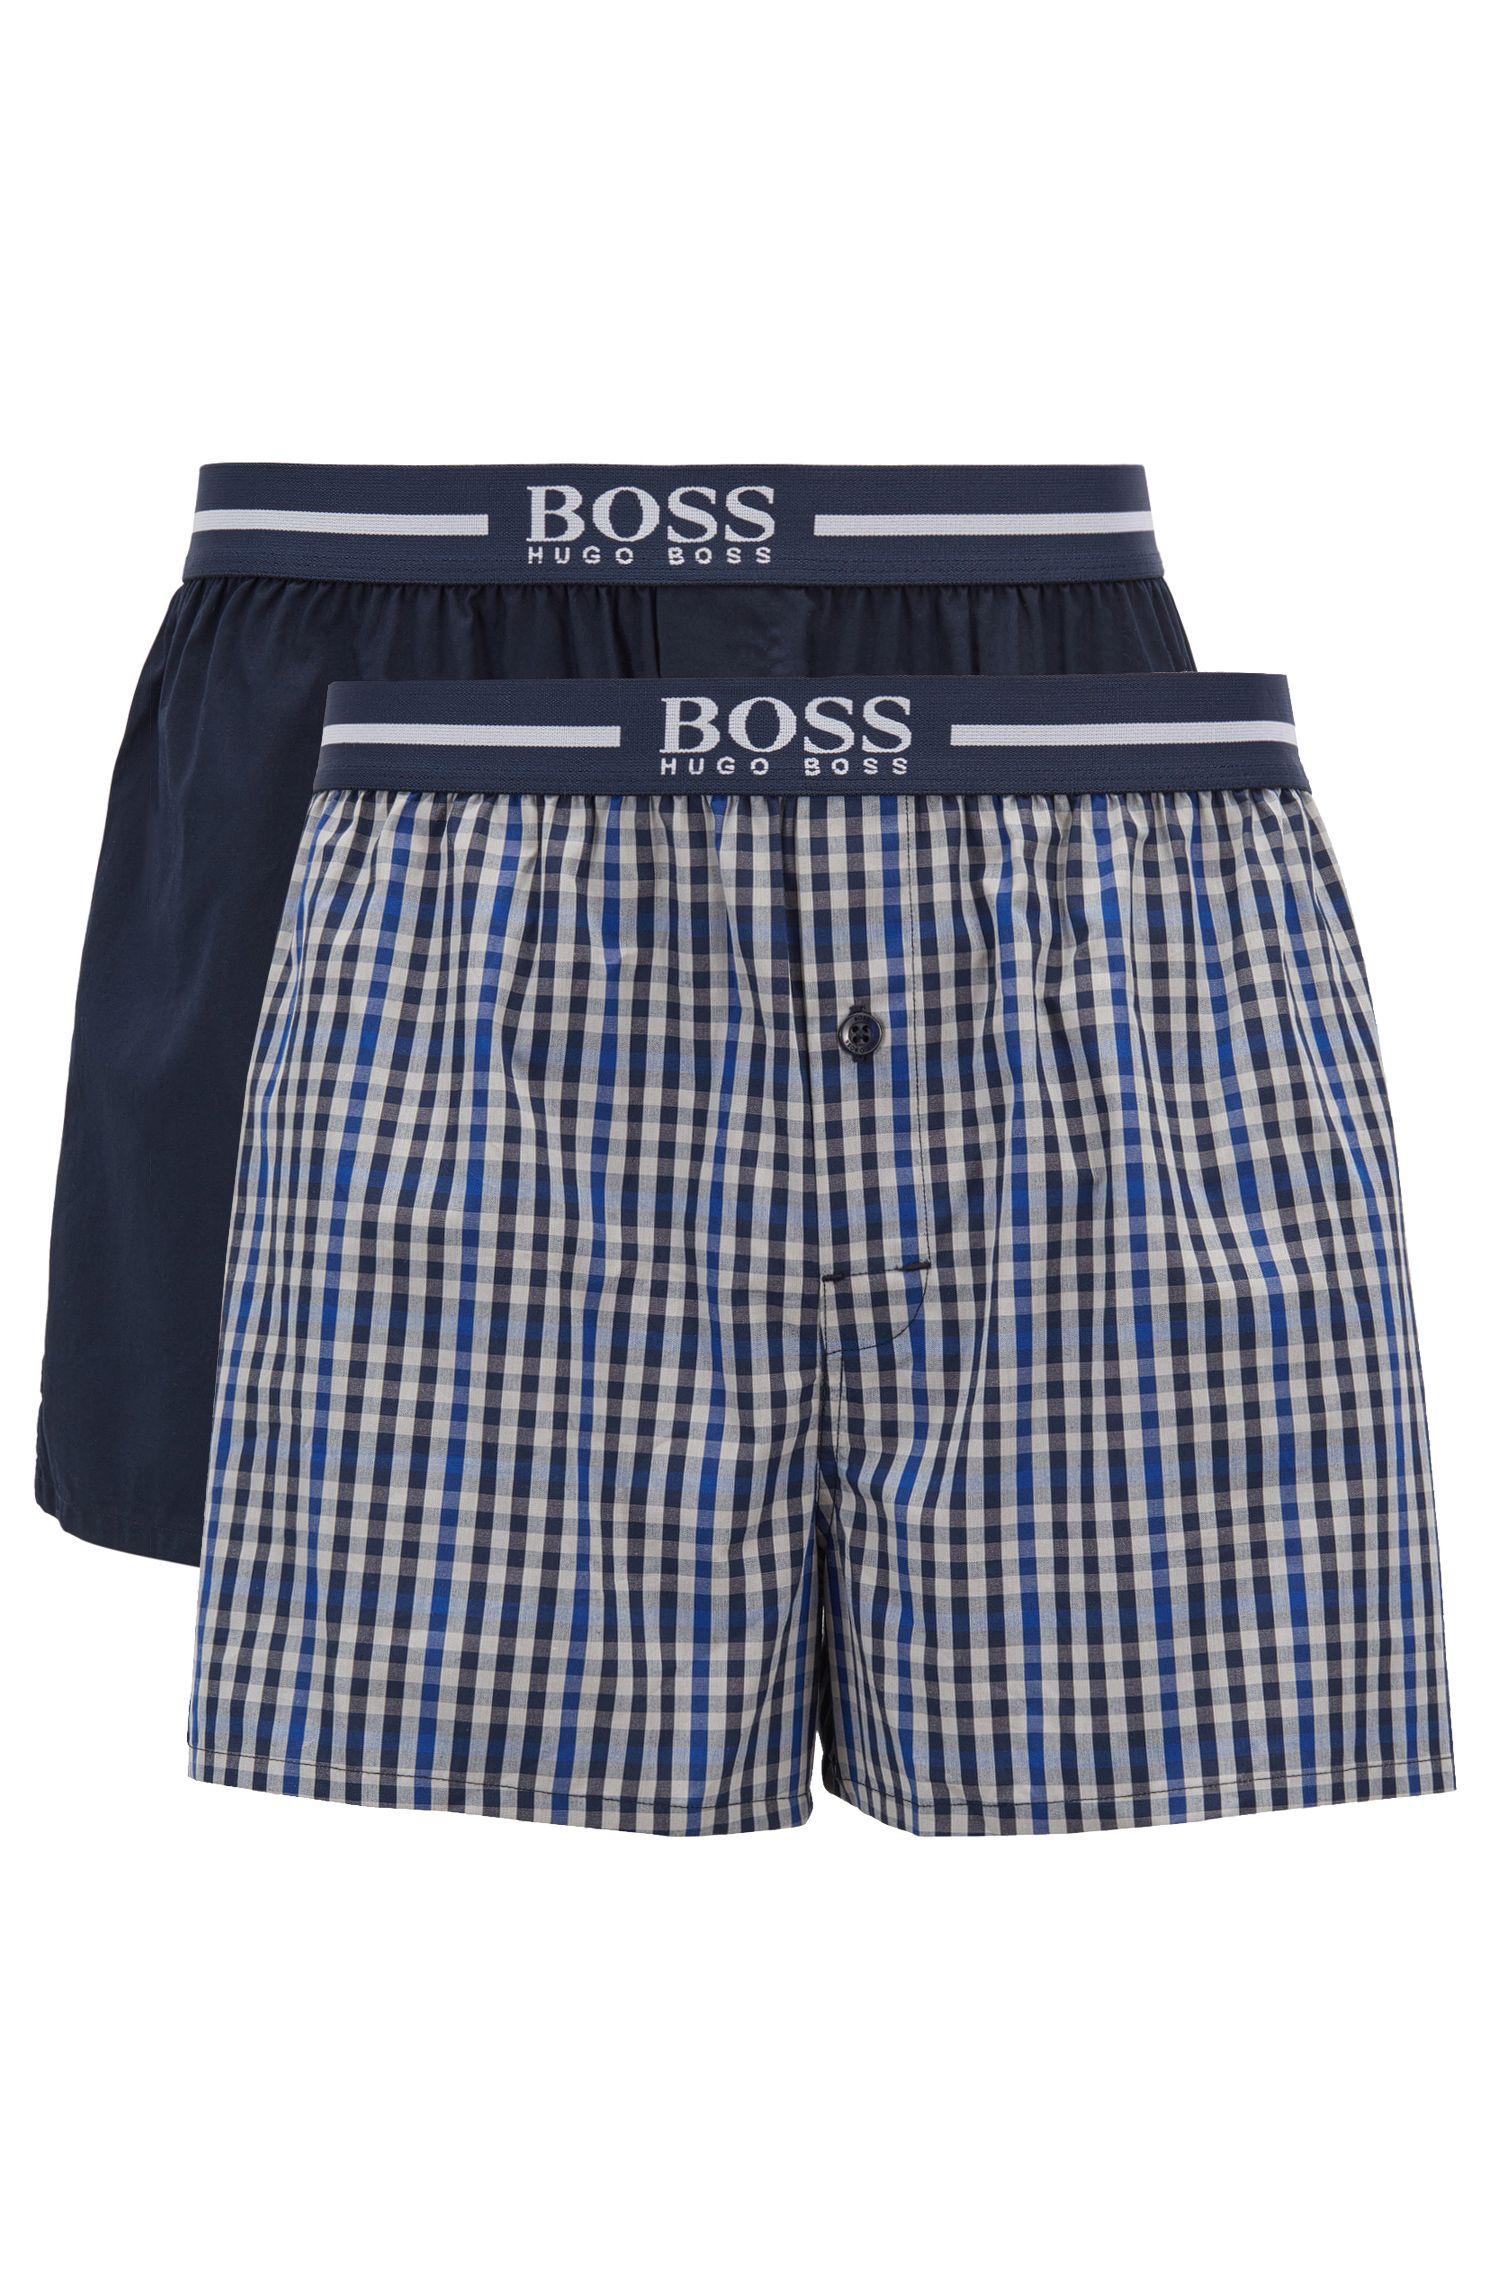 Zweier-Pack Pyjama-Shorts aus Baumwolle mit Logo-Schriftzug am Bund